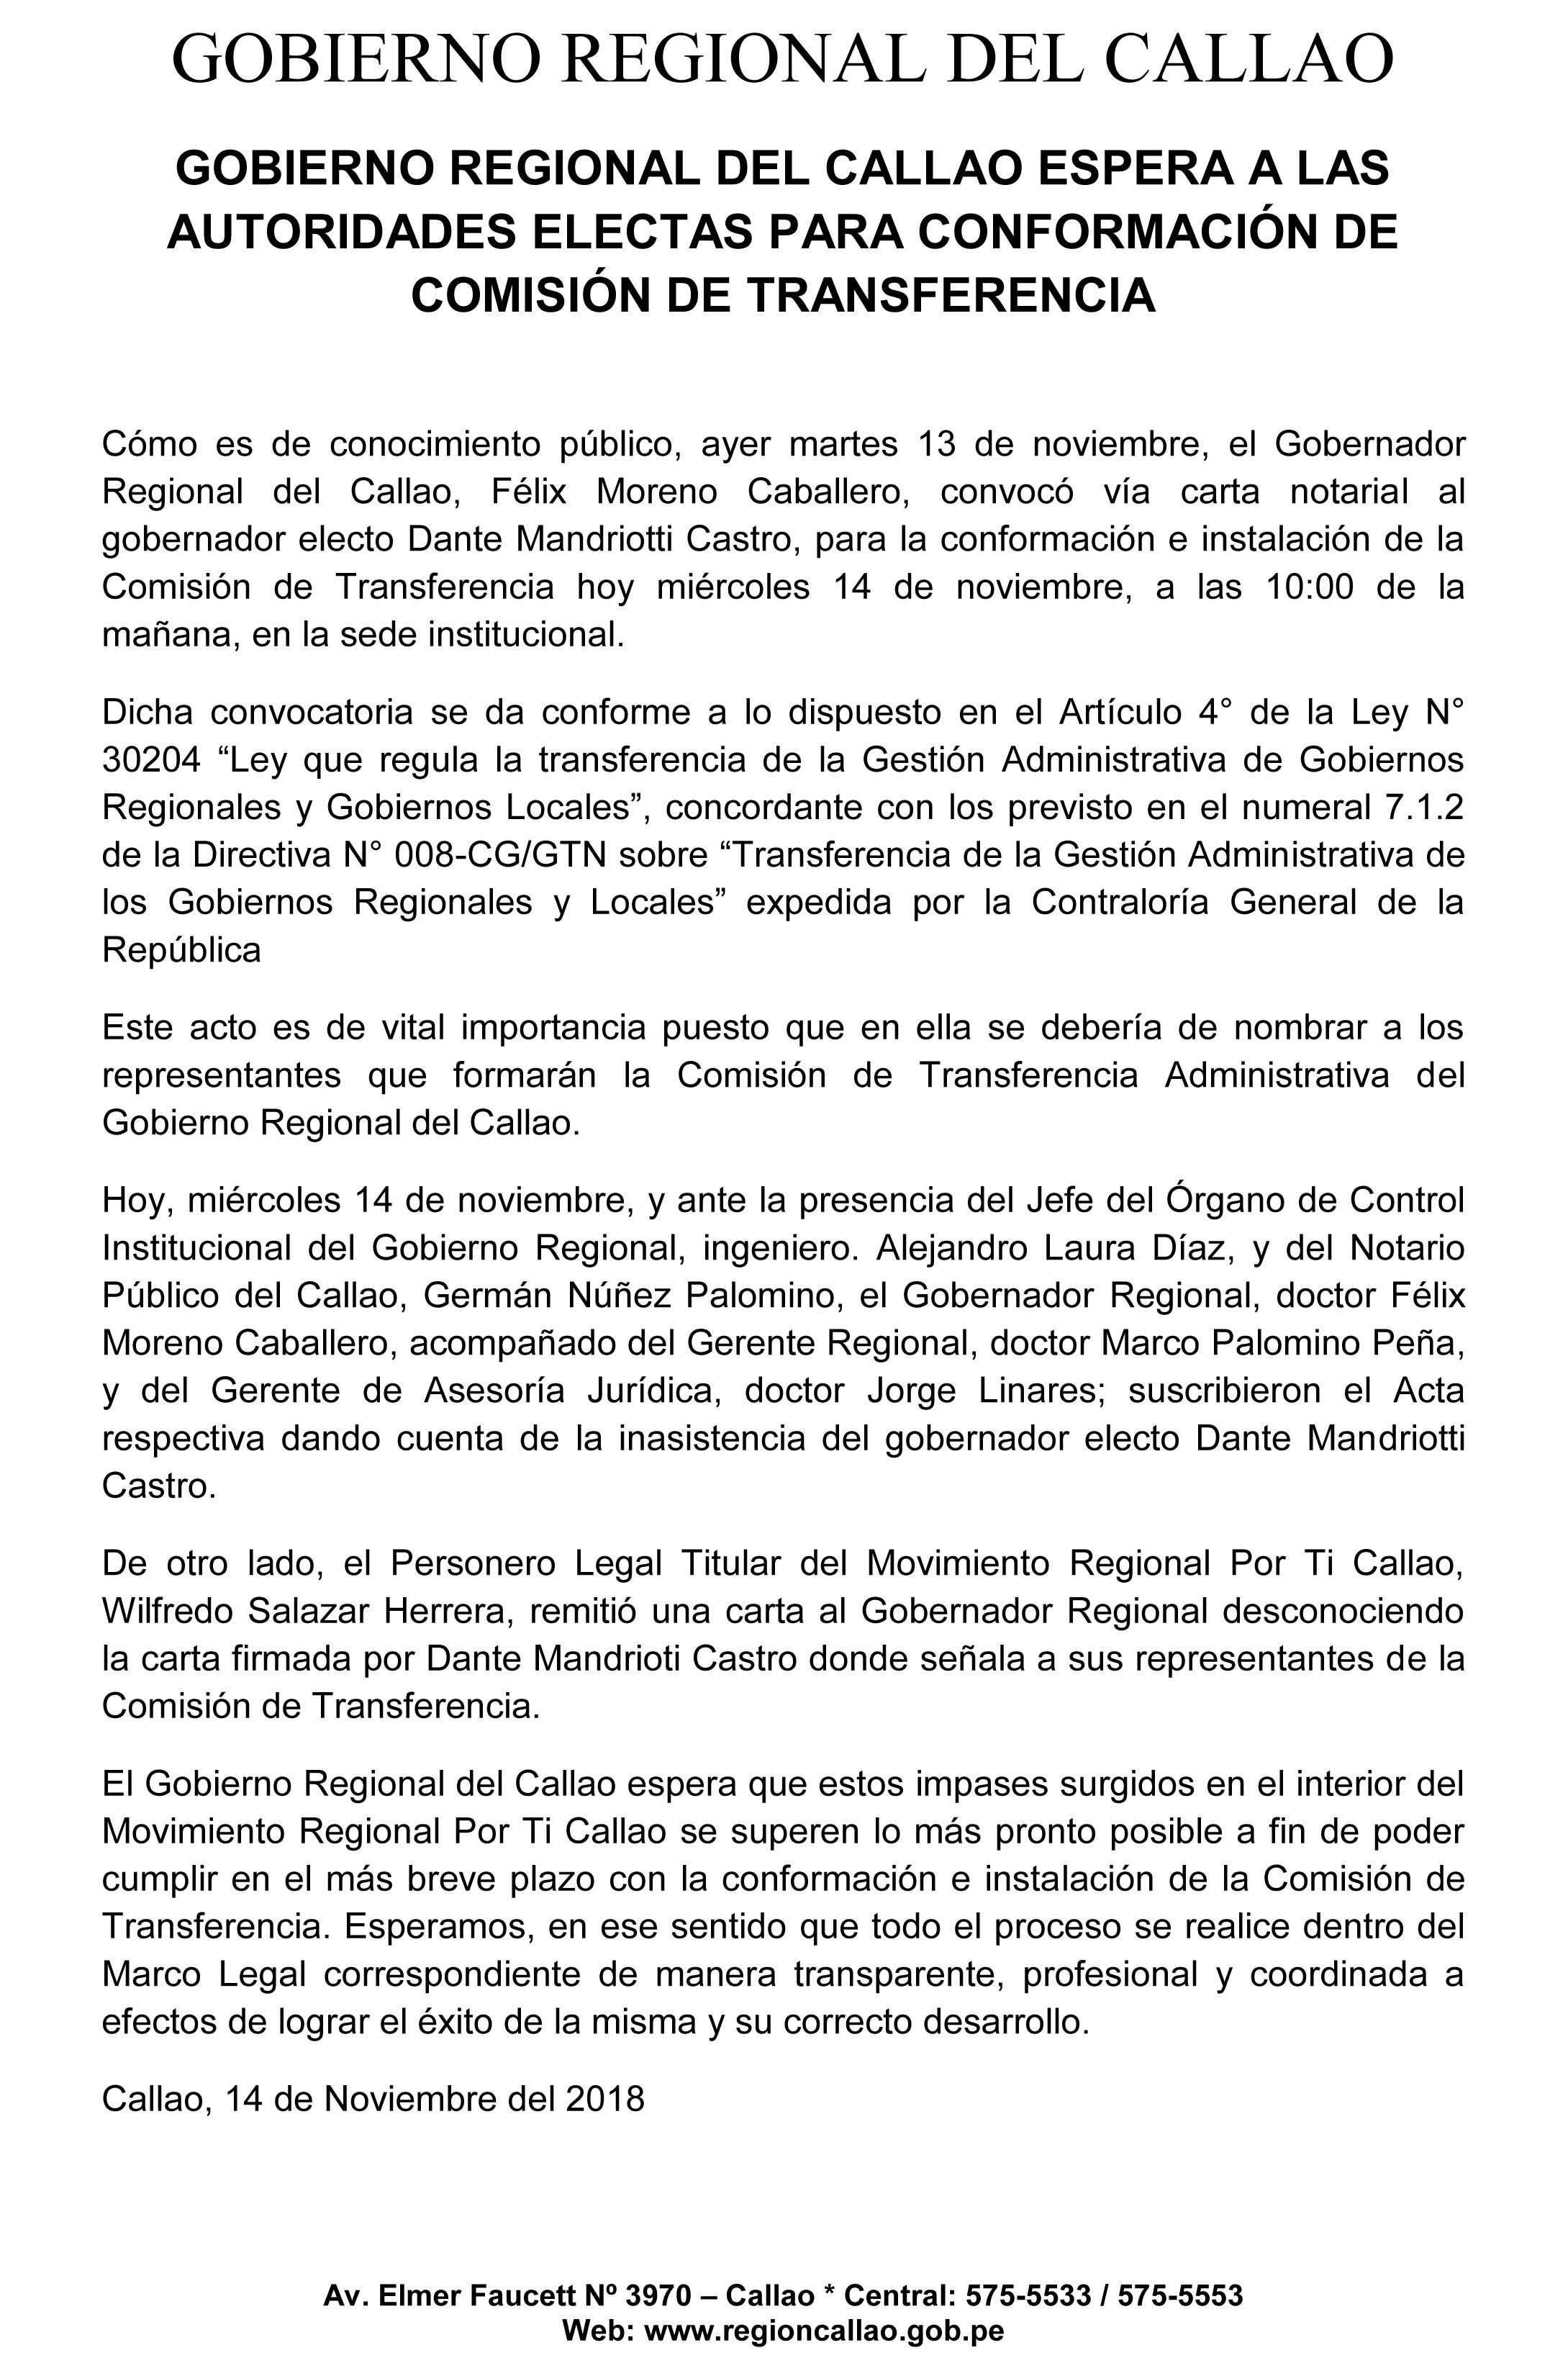 Gobierno Regional del Callao espera a las autoridades electas para conformación de Comisión de Transferencia